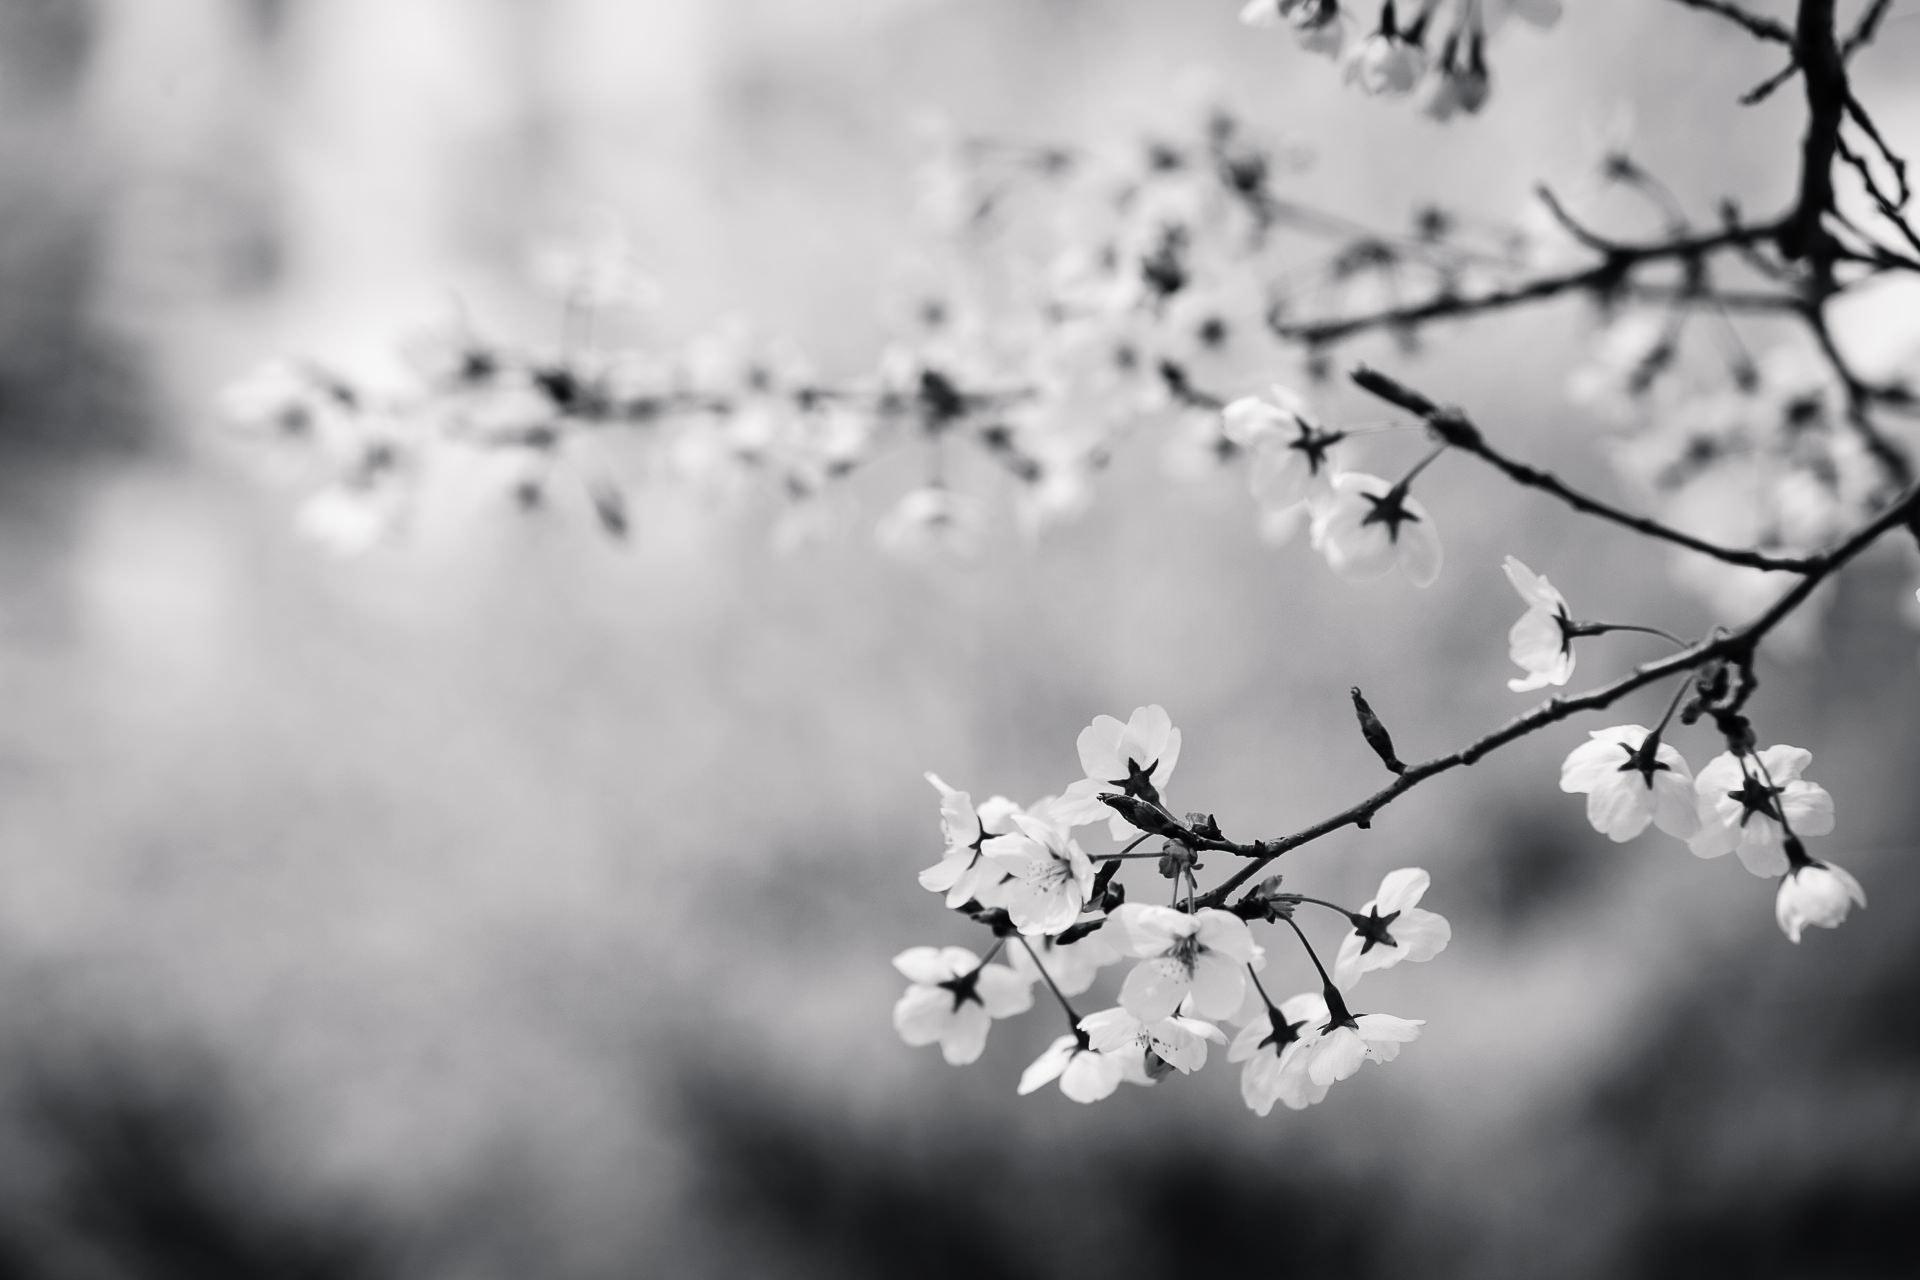 Hình ảnh trắng đen đẹp và độc đáo